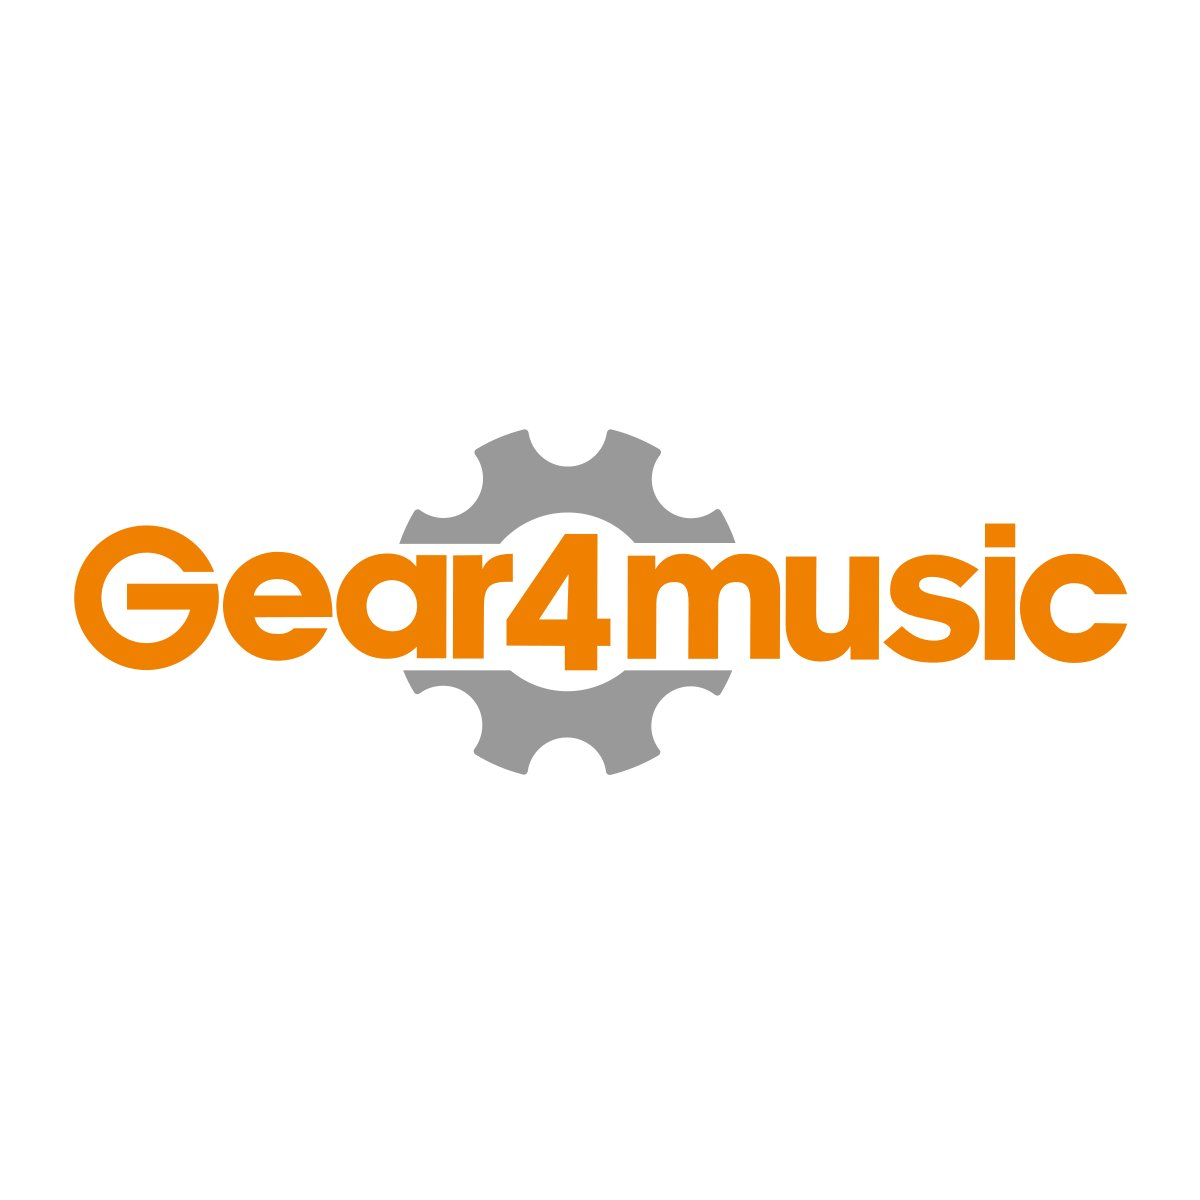 Acoustic Guitar Foam Case by Gear4music